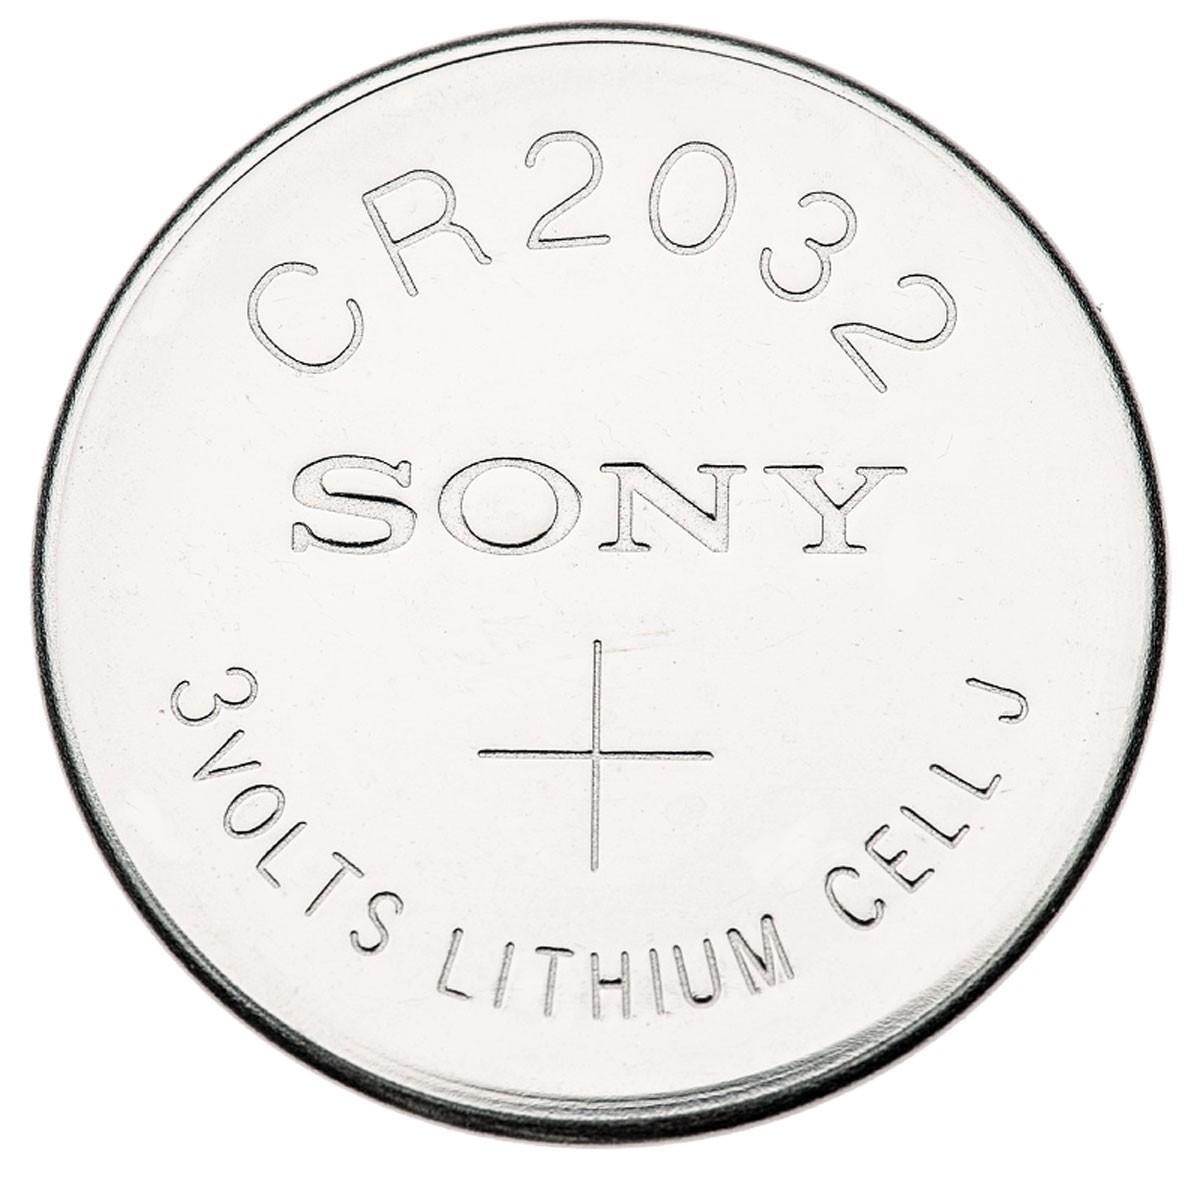 Batterier 1001390954 till rabatterat pris — köp nu!